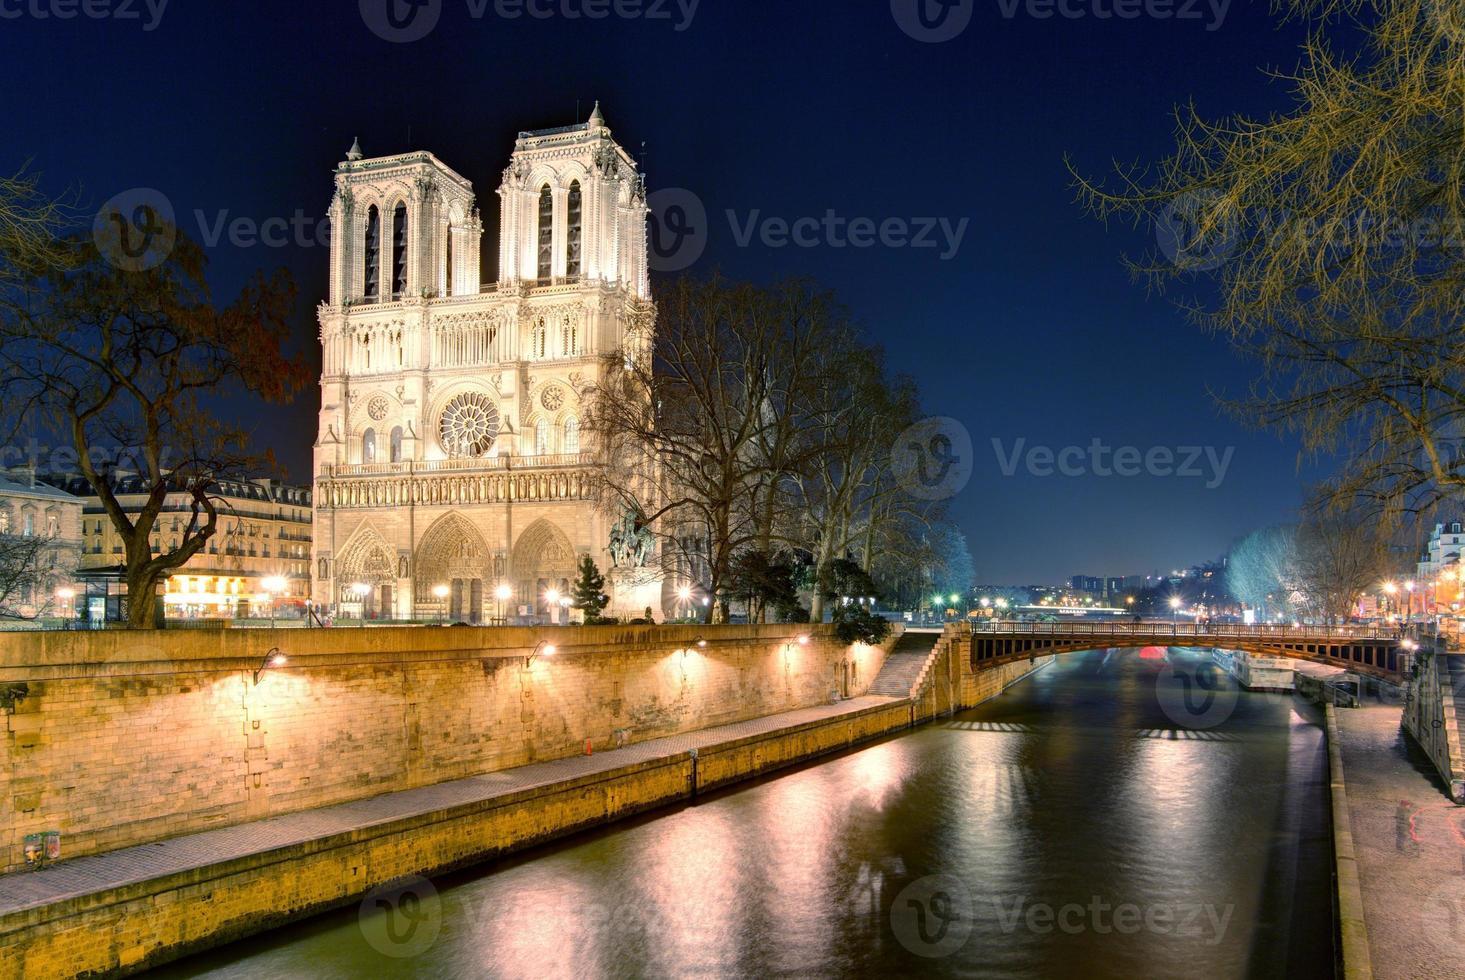 Notre Dame kathedraal in de schemering in Parijs, Frankrijk foto